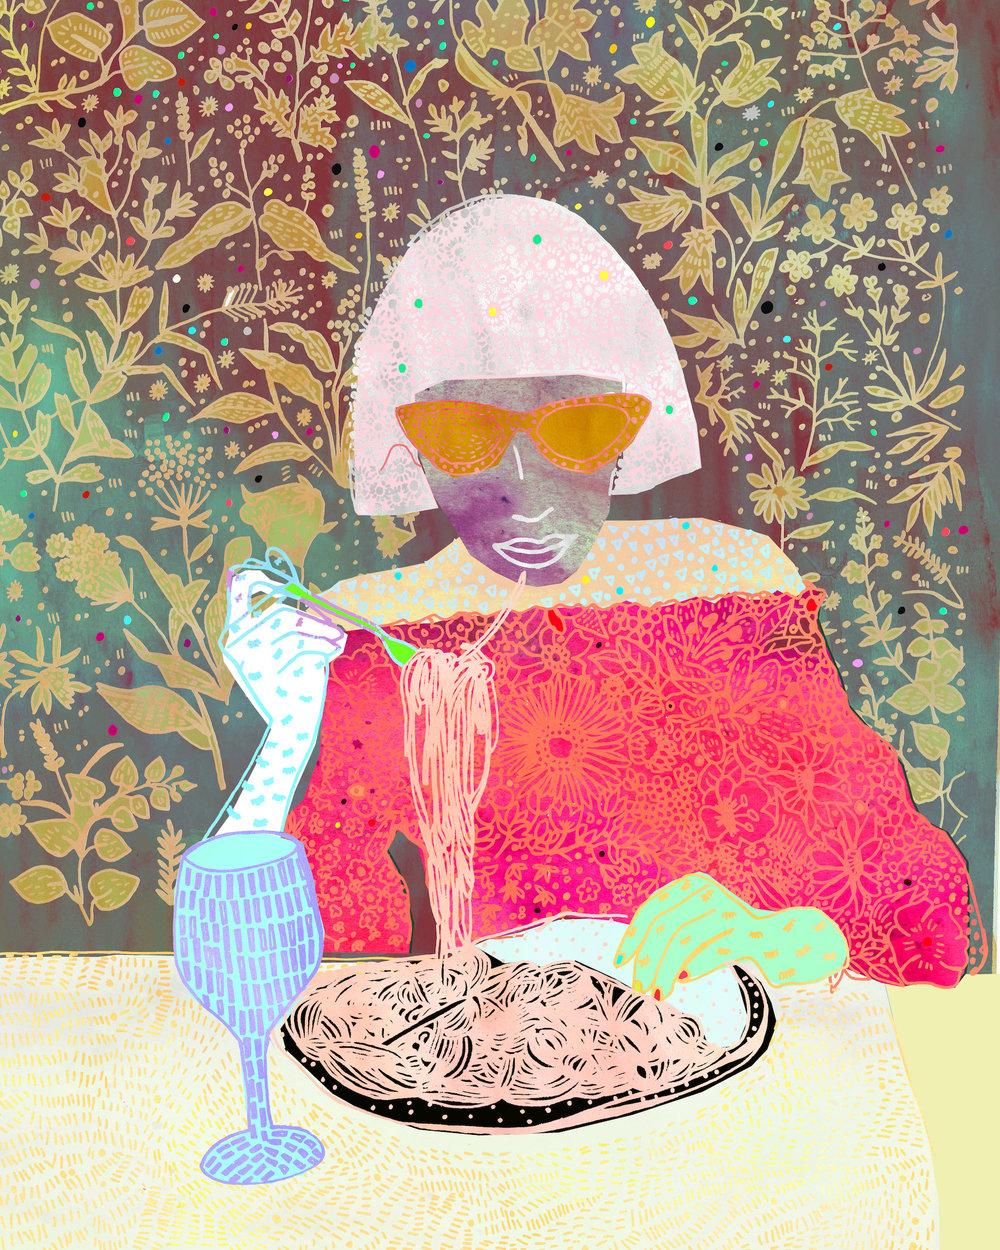 Emma Repp-_Just a Snack_-18x24-Mixed-1_5-$470.jpg